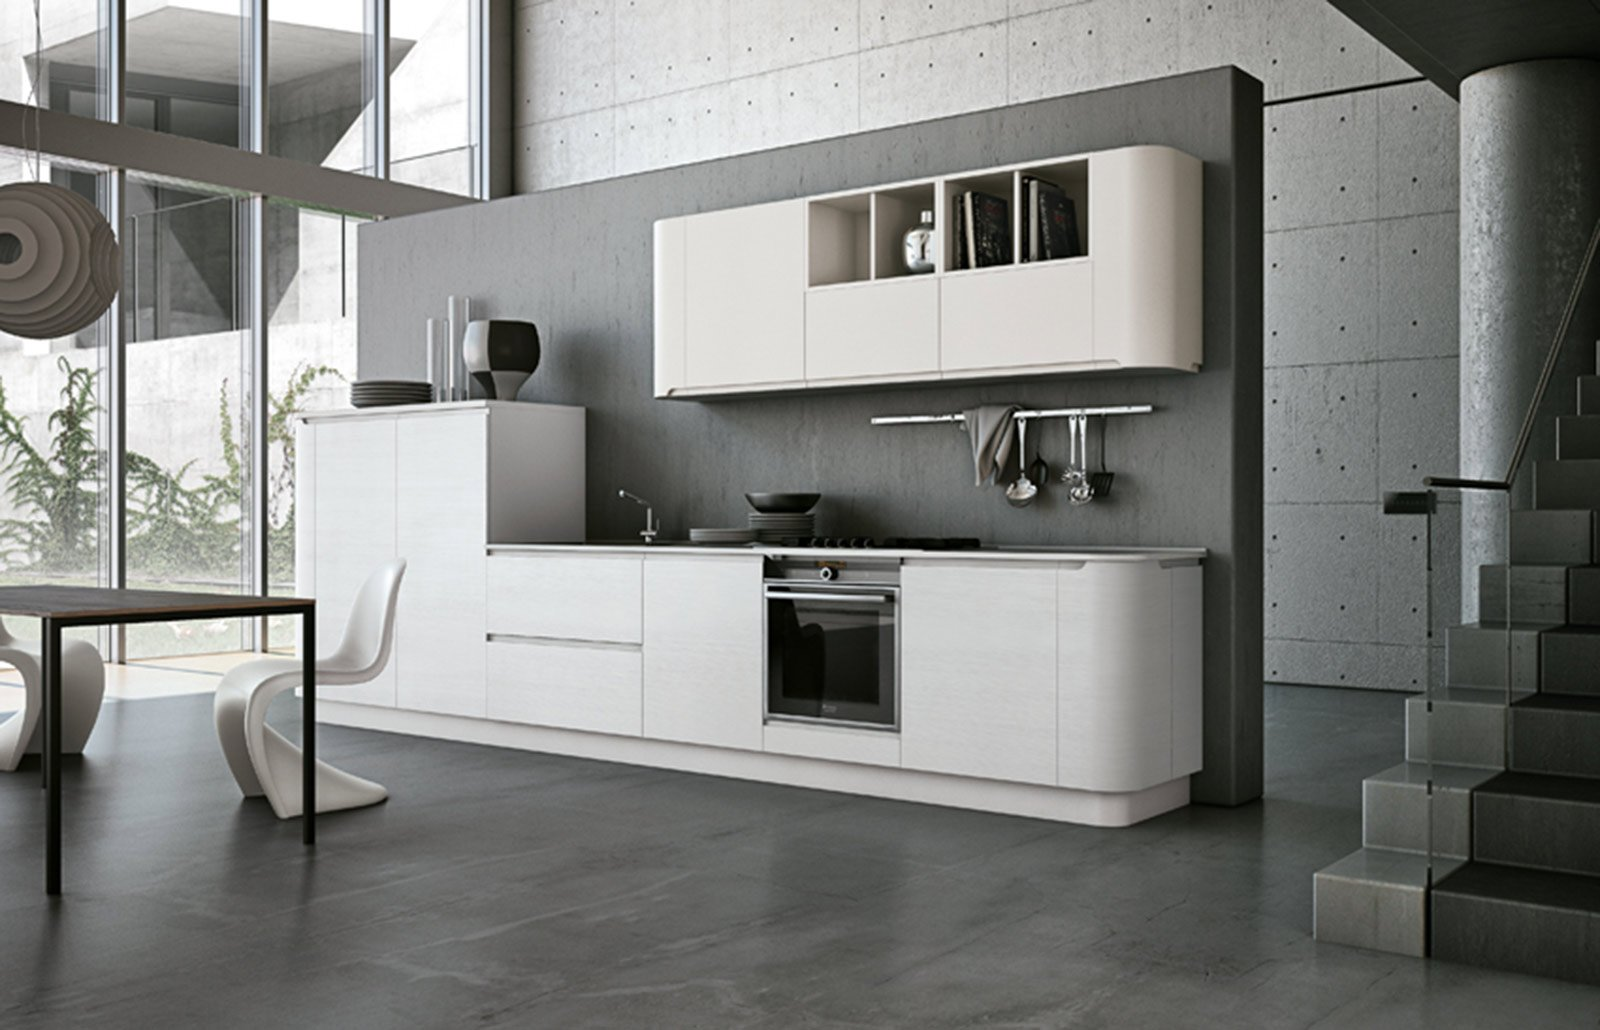 Stosa Cucine Moderne Laminato Küche ~ Trova le Migliori idee per Mobili e Interni di Design